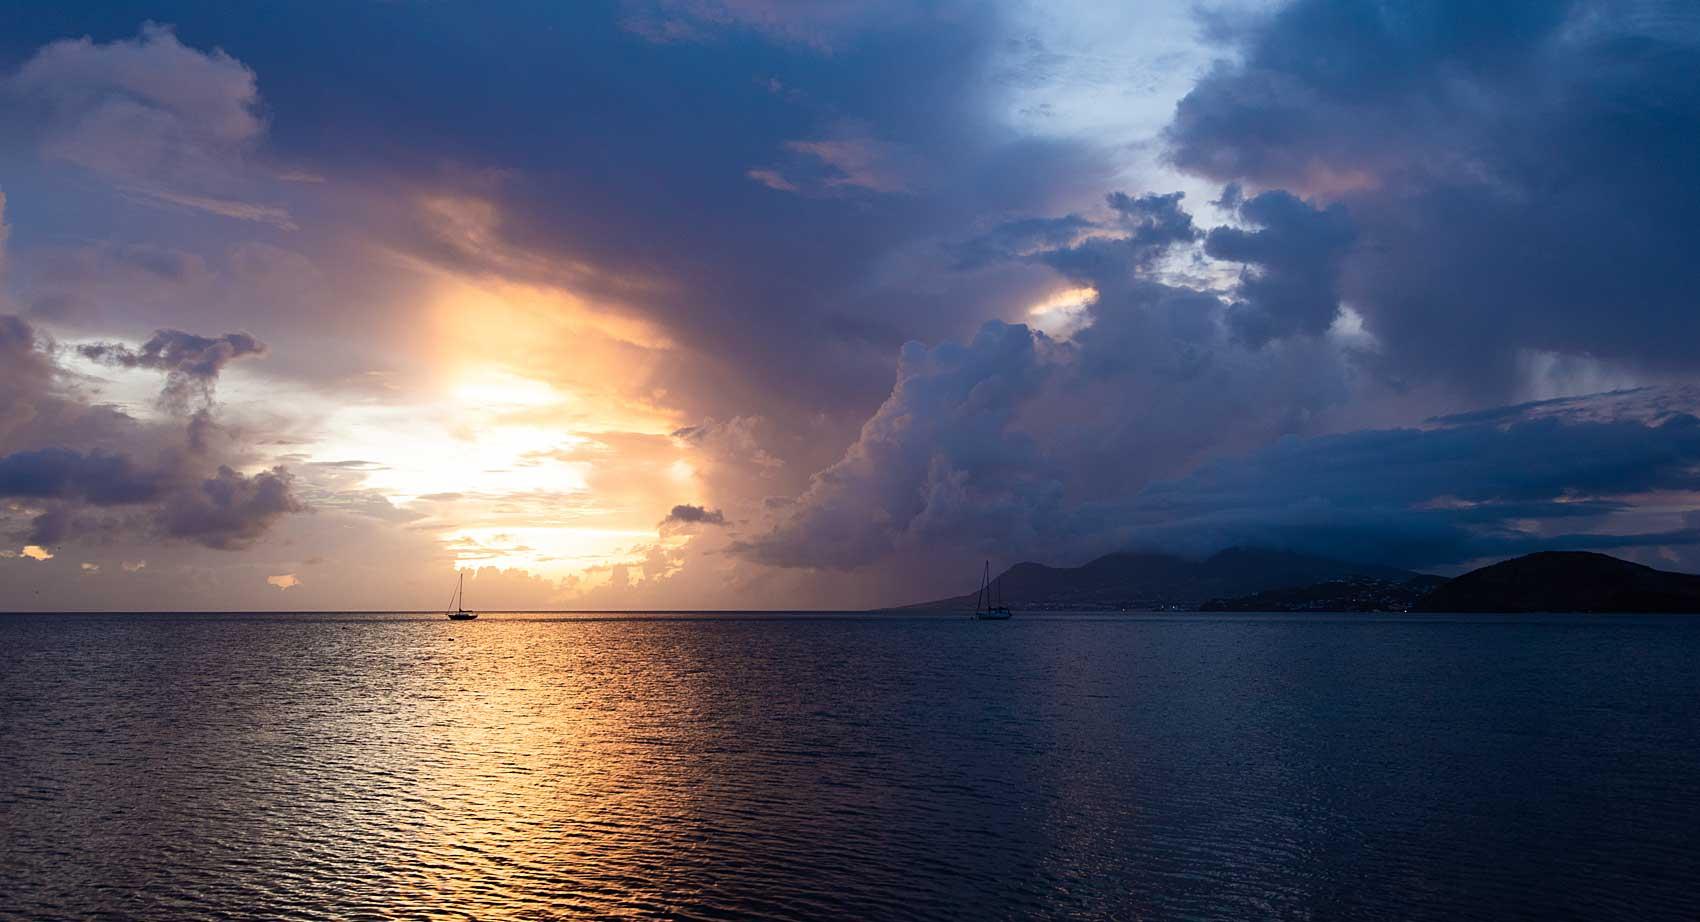 St. Kitts sunsent